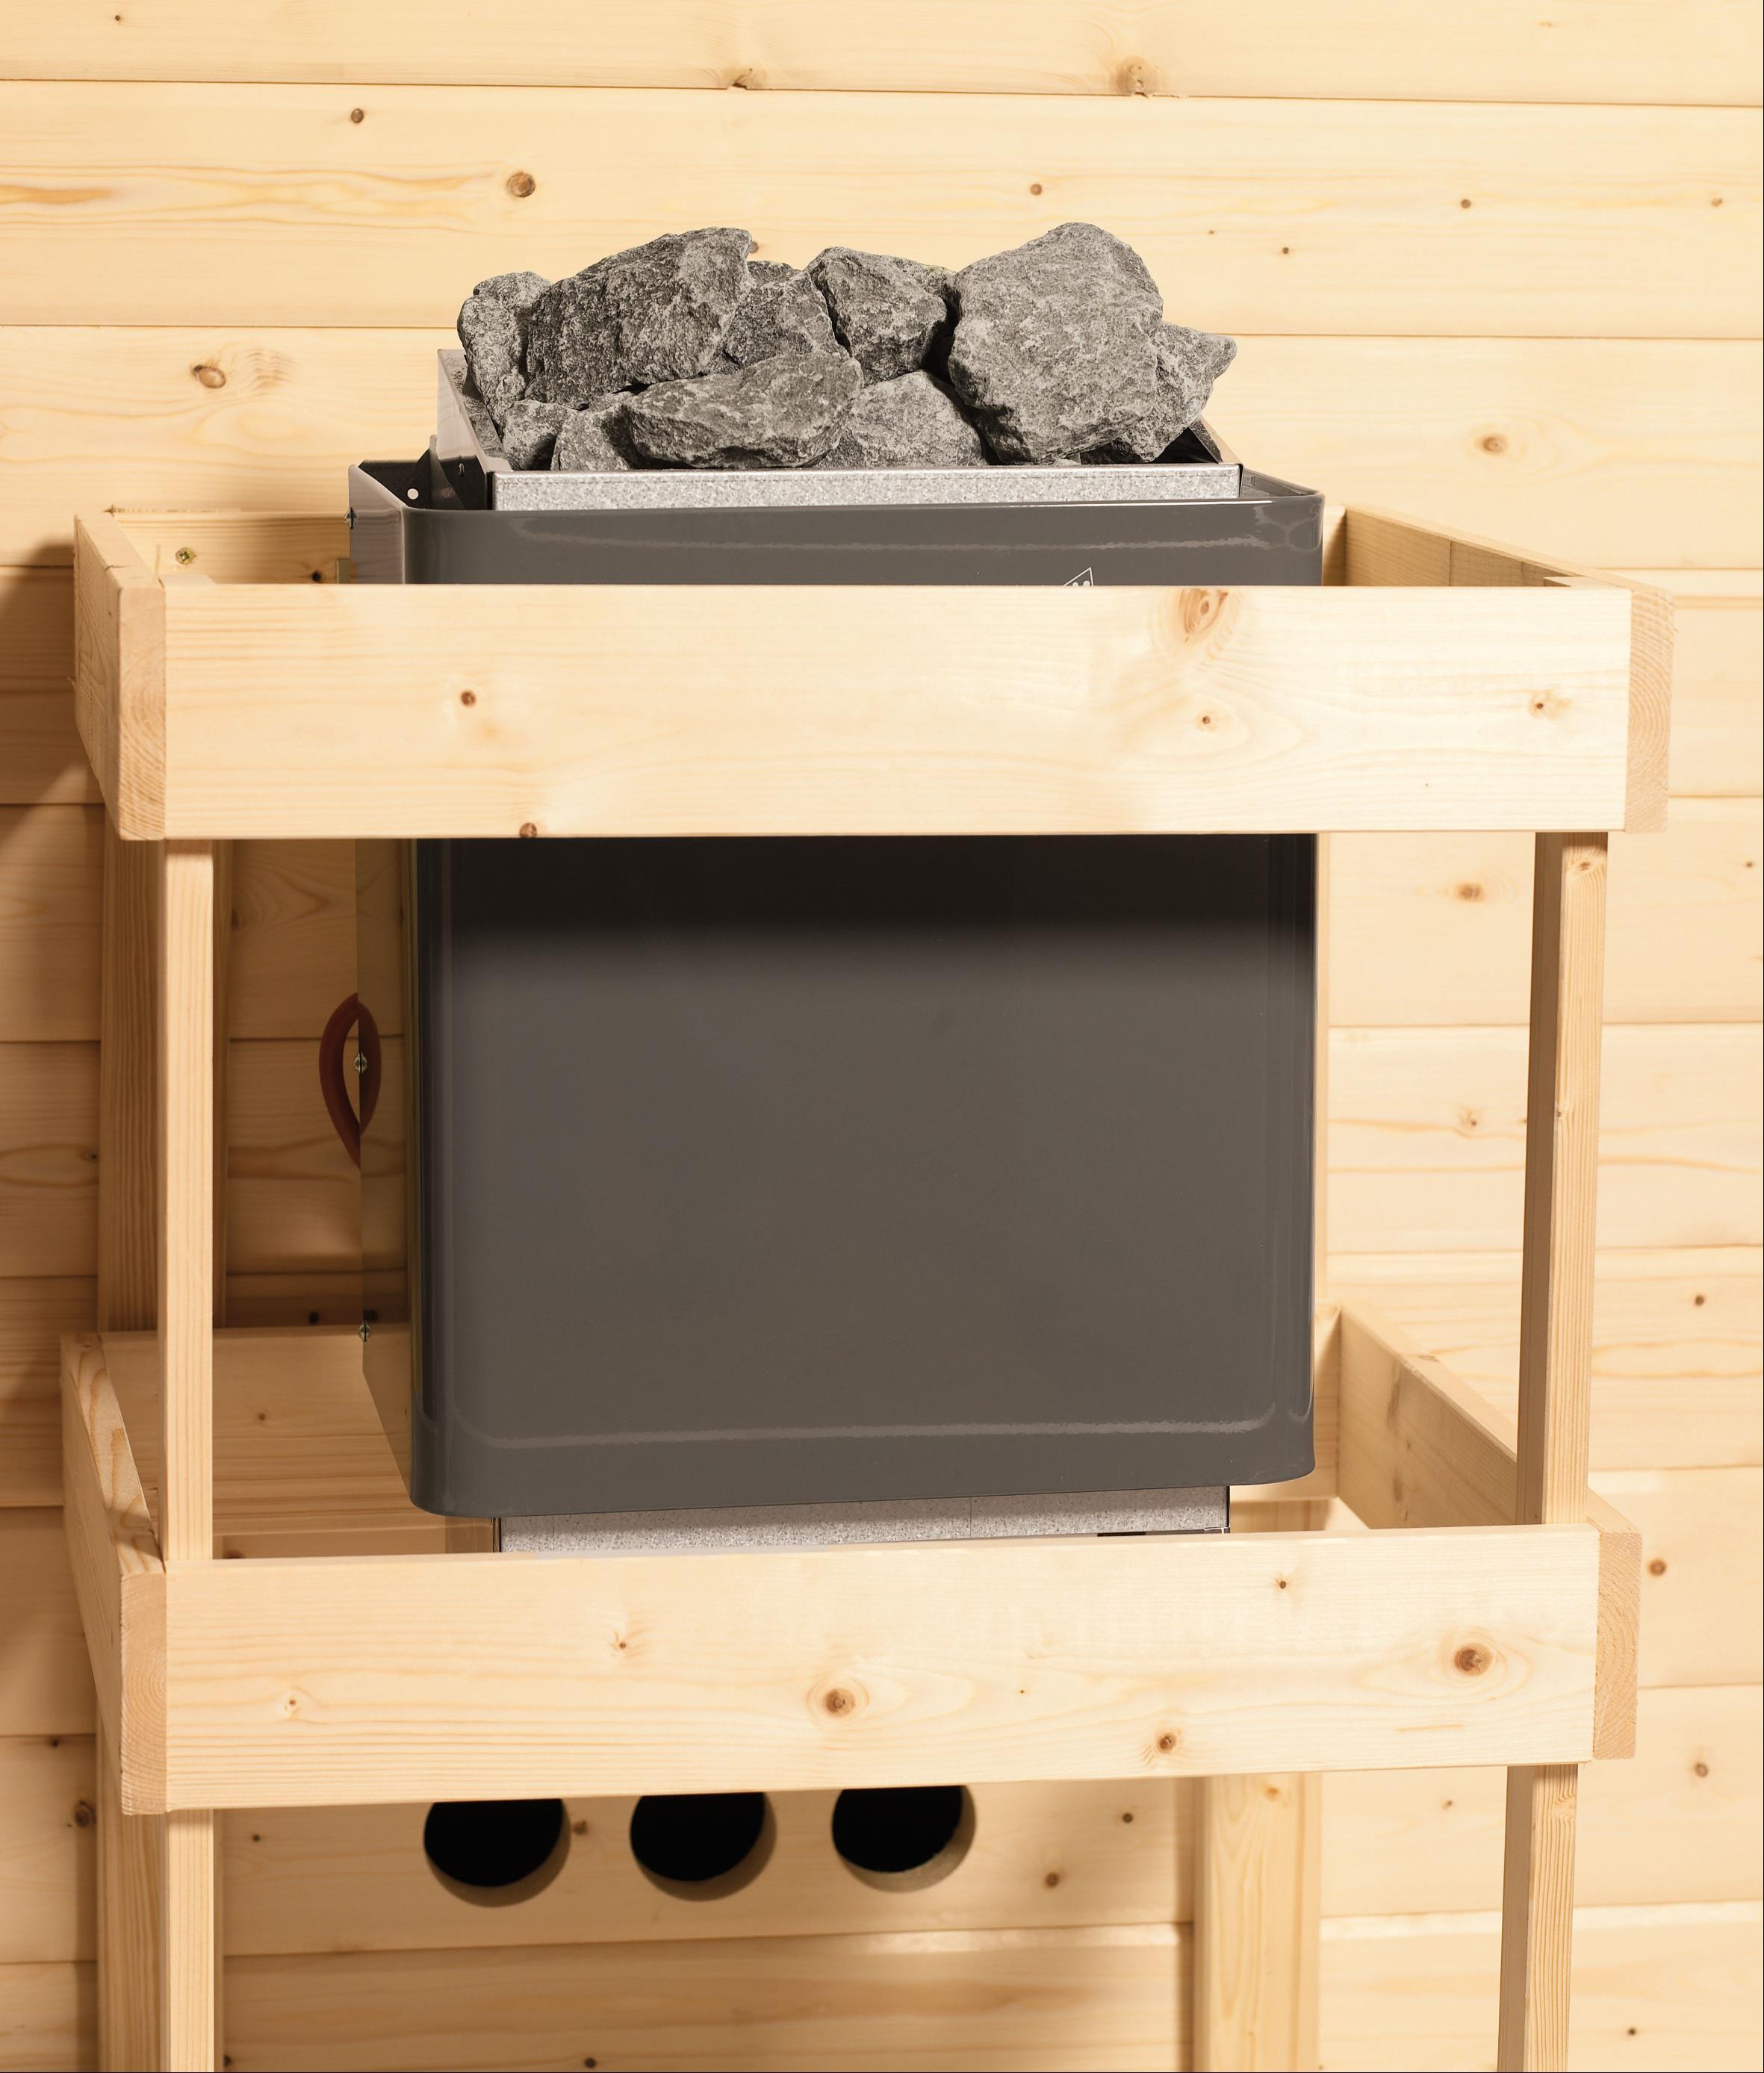 Gartensauna Karibu Saunahaus Kroge 38mm ohne Ofen Tür modern Bild 6